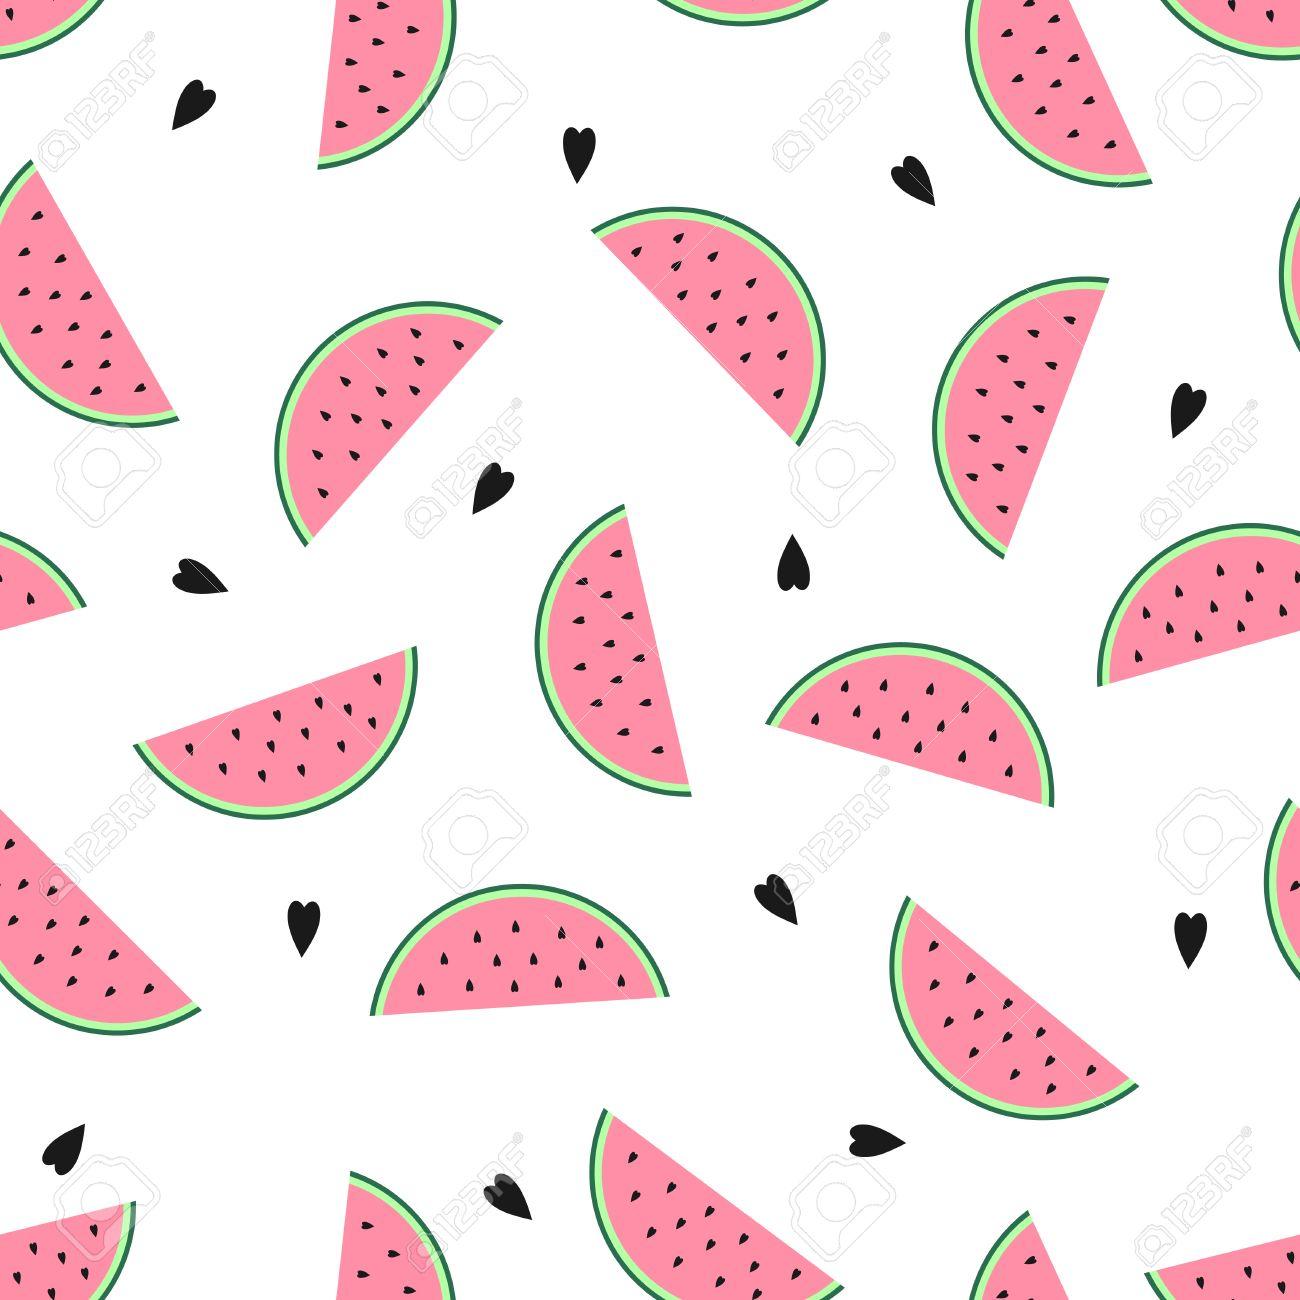 ピンクのスイカのスライスとシームレスな背景は かわいいフルーツ パターン 夏食品ベクトル イラスト テキスタイル 壁紙 Web 生地 装飾のデザイン の イラスト素材 ベクタ Image